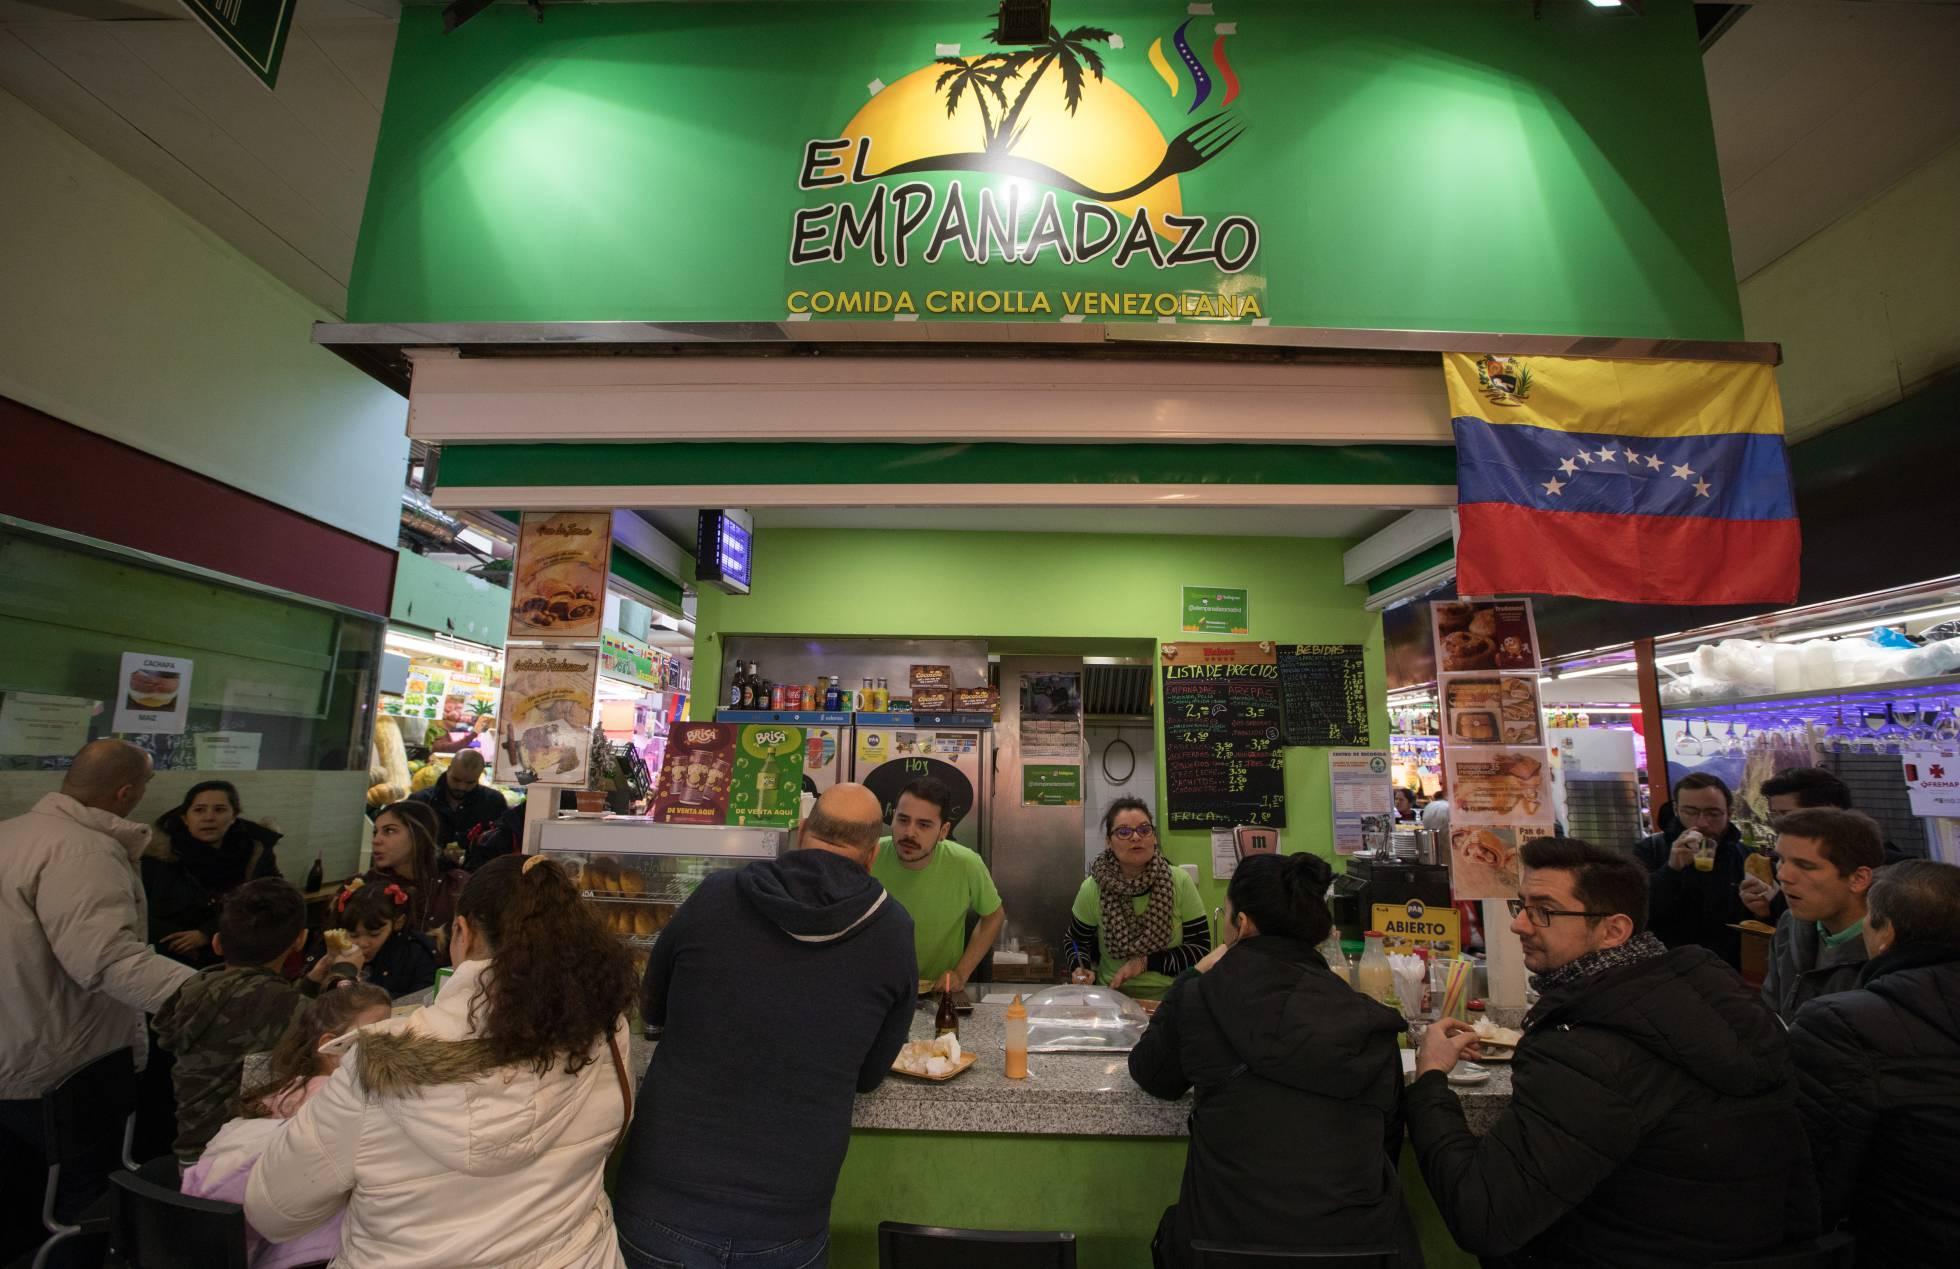 Популярный уголок Венесуэлы в Мадриде